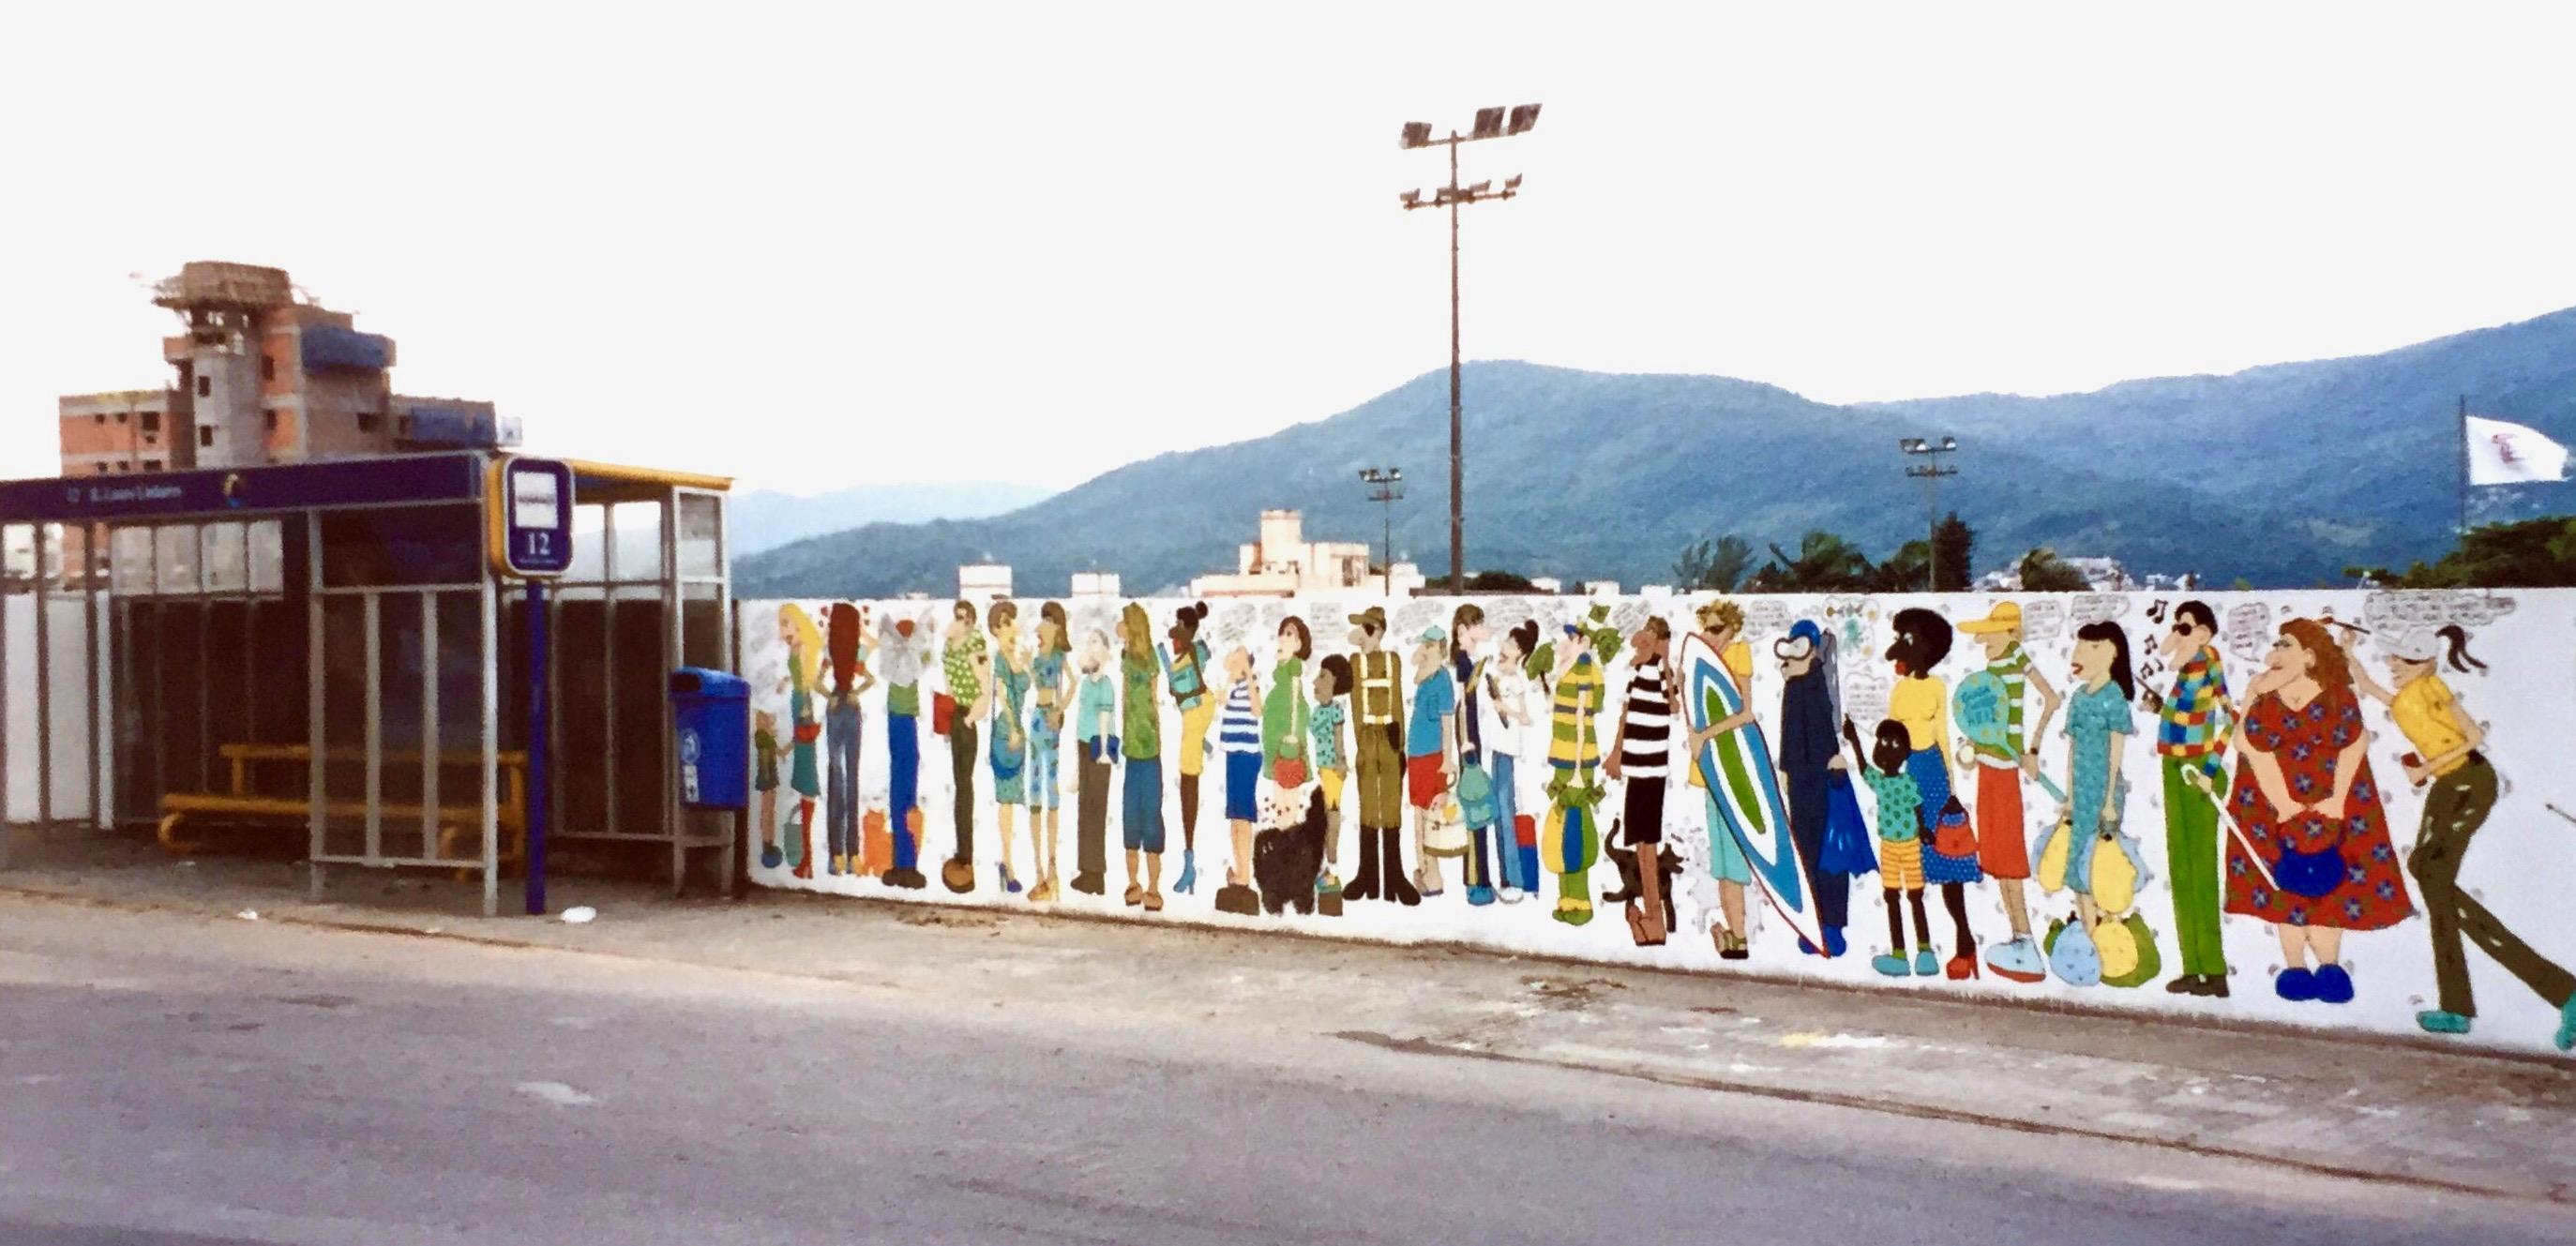 #paracegover A imagem mostra um ponto de ônibus coberto.No muro ao redor dele, personagens desenhados conversando entre si.